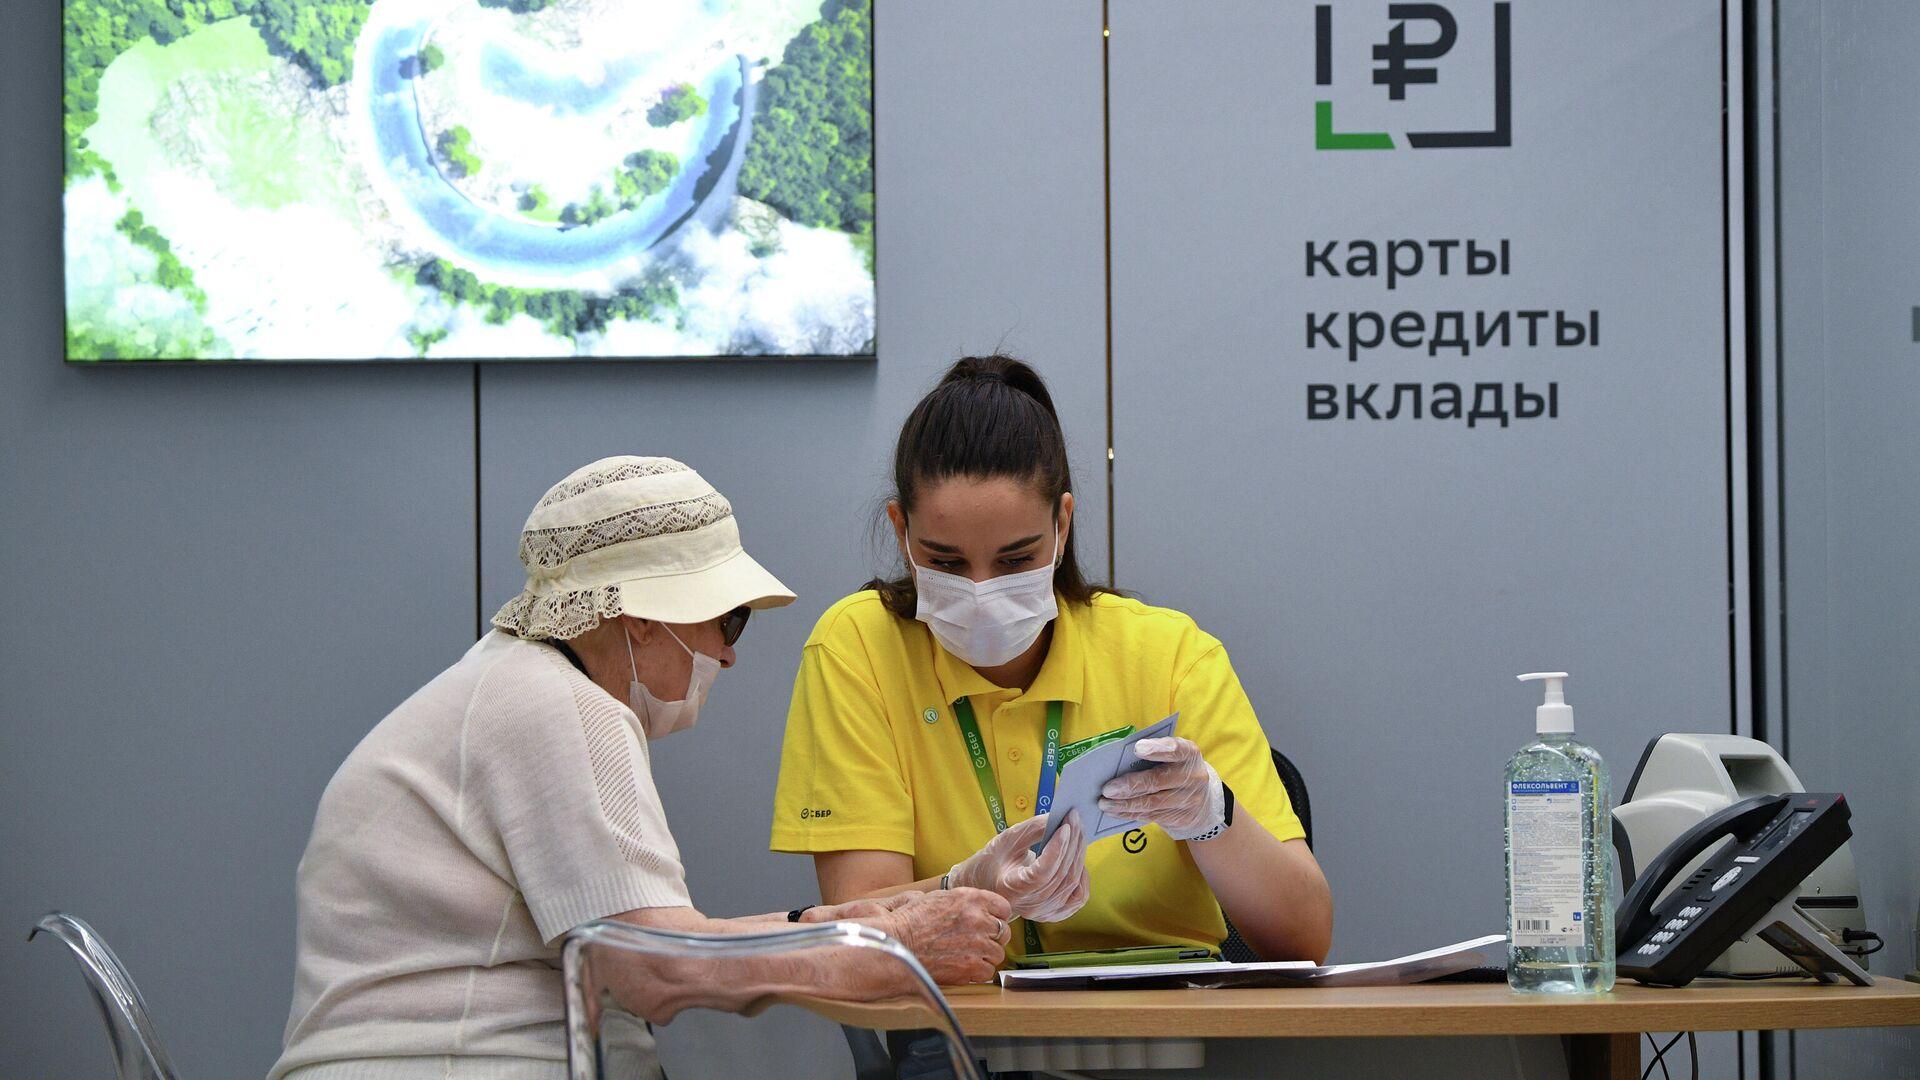 Сотрудница офиса Сбербанка нового формата, открывшегося на Красном проспекте в Новосибирске, во время работы с клиентом - РИА Новости, 1920, 21.07.2021